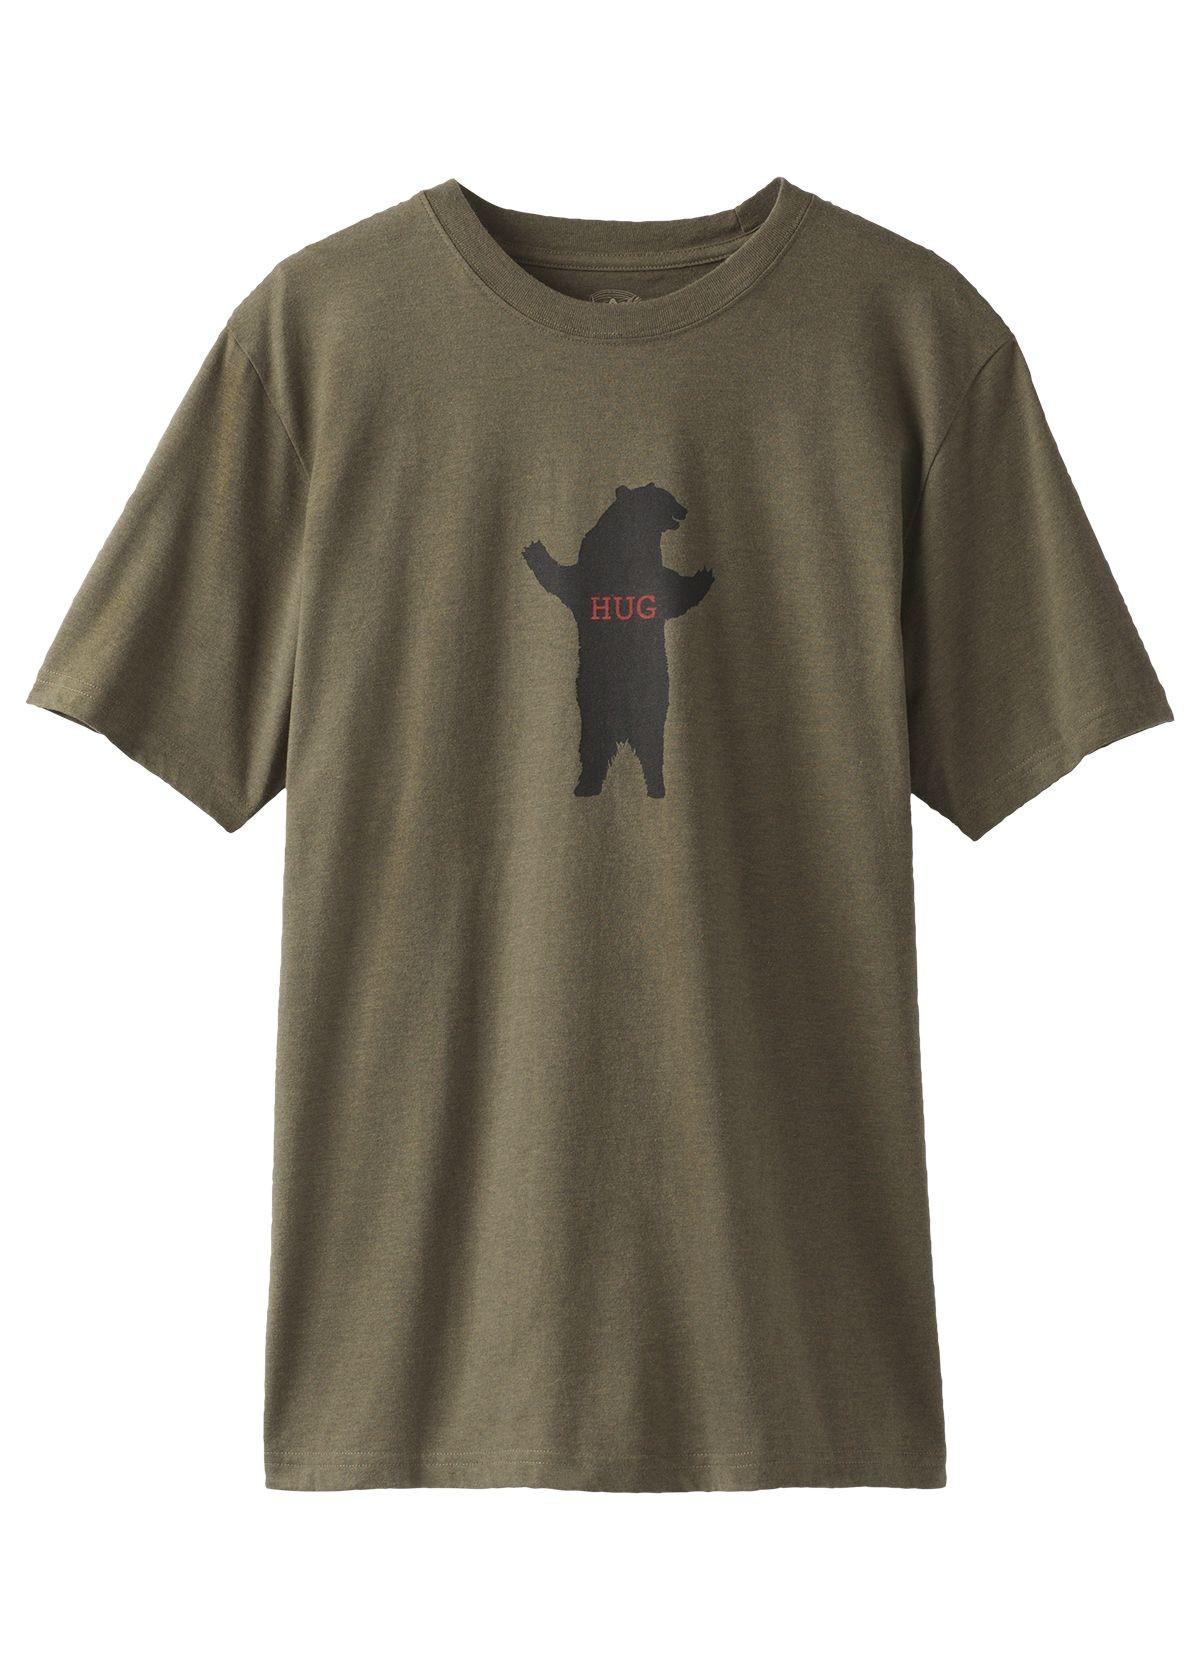 prAna Bear Hug Journeyman Tee Shirt JRIPRbh